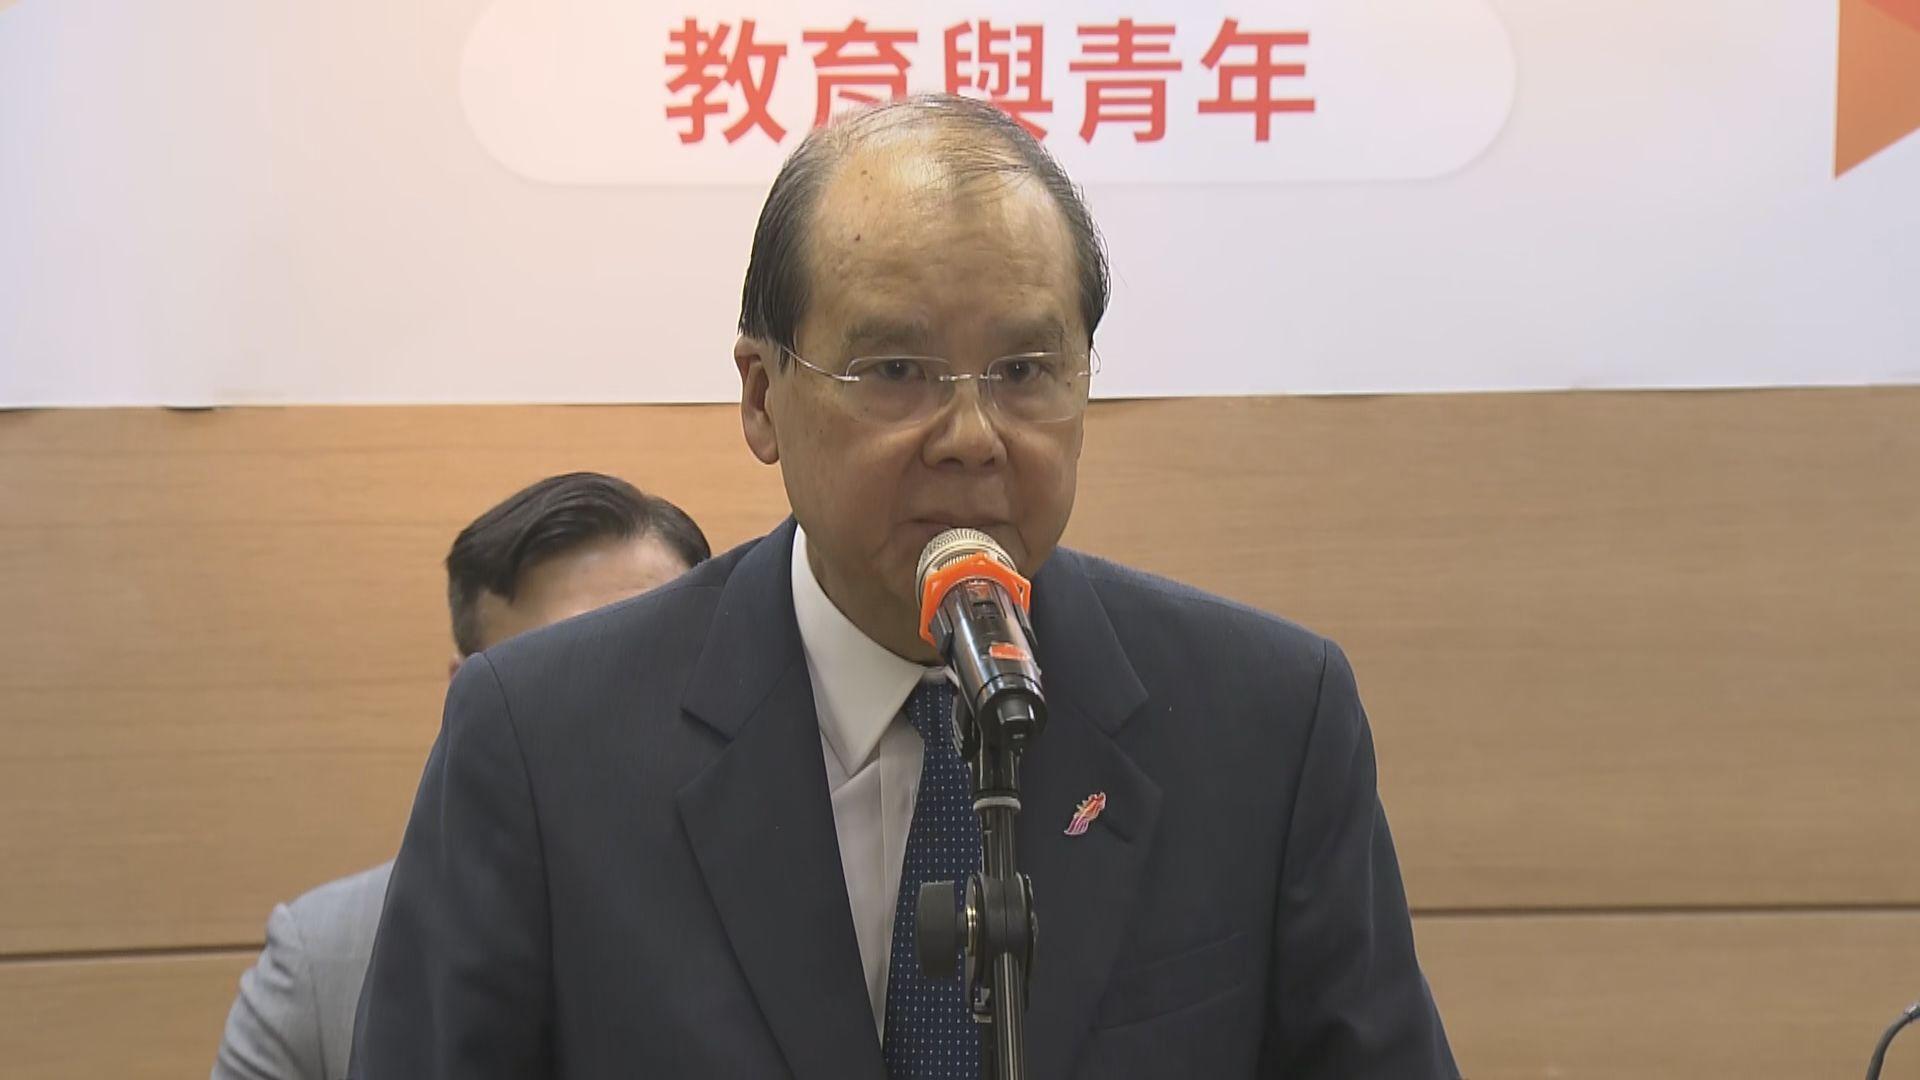 張建宗:面對困局政府不會氣餒